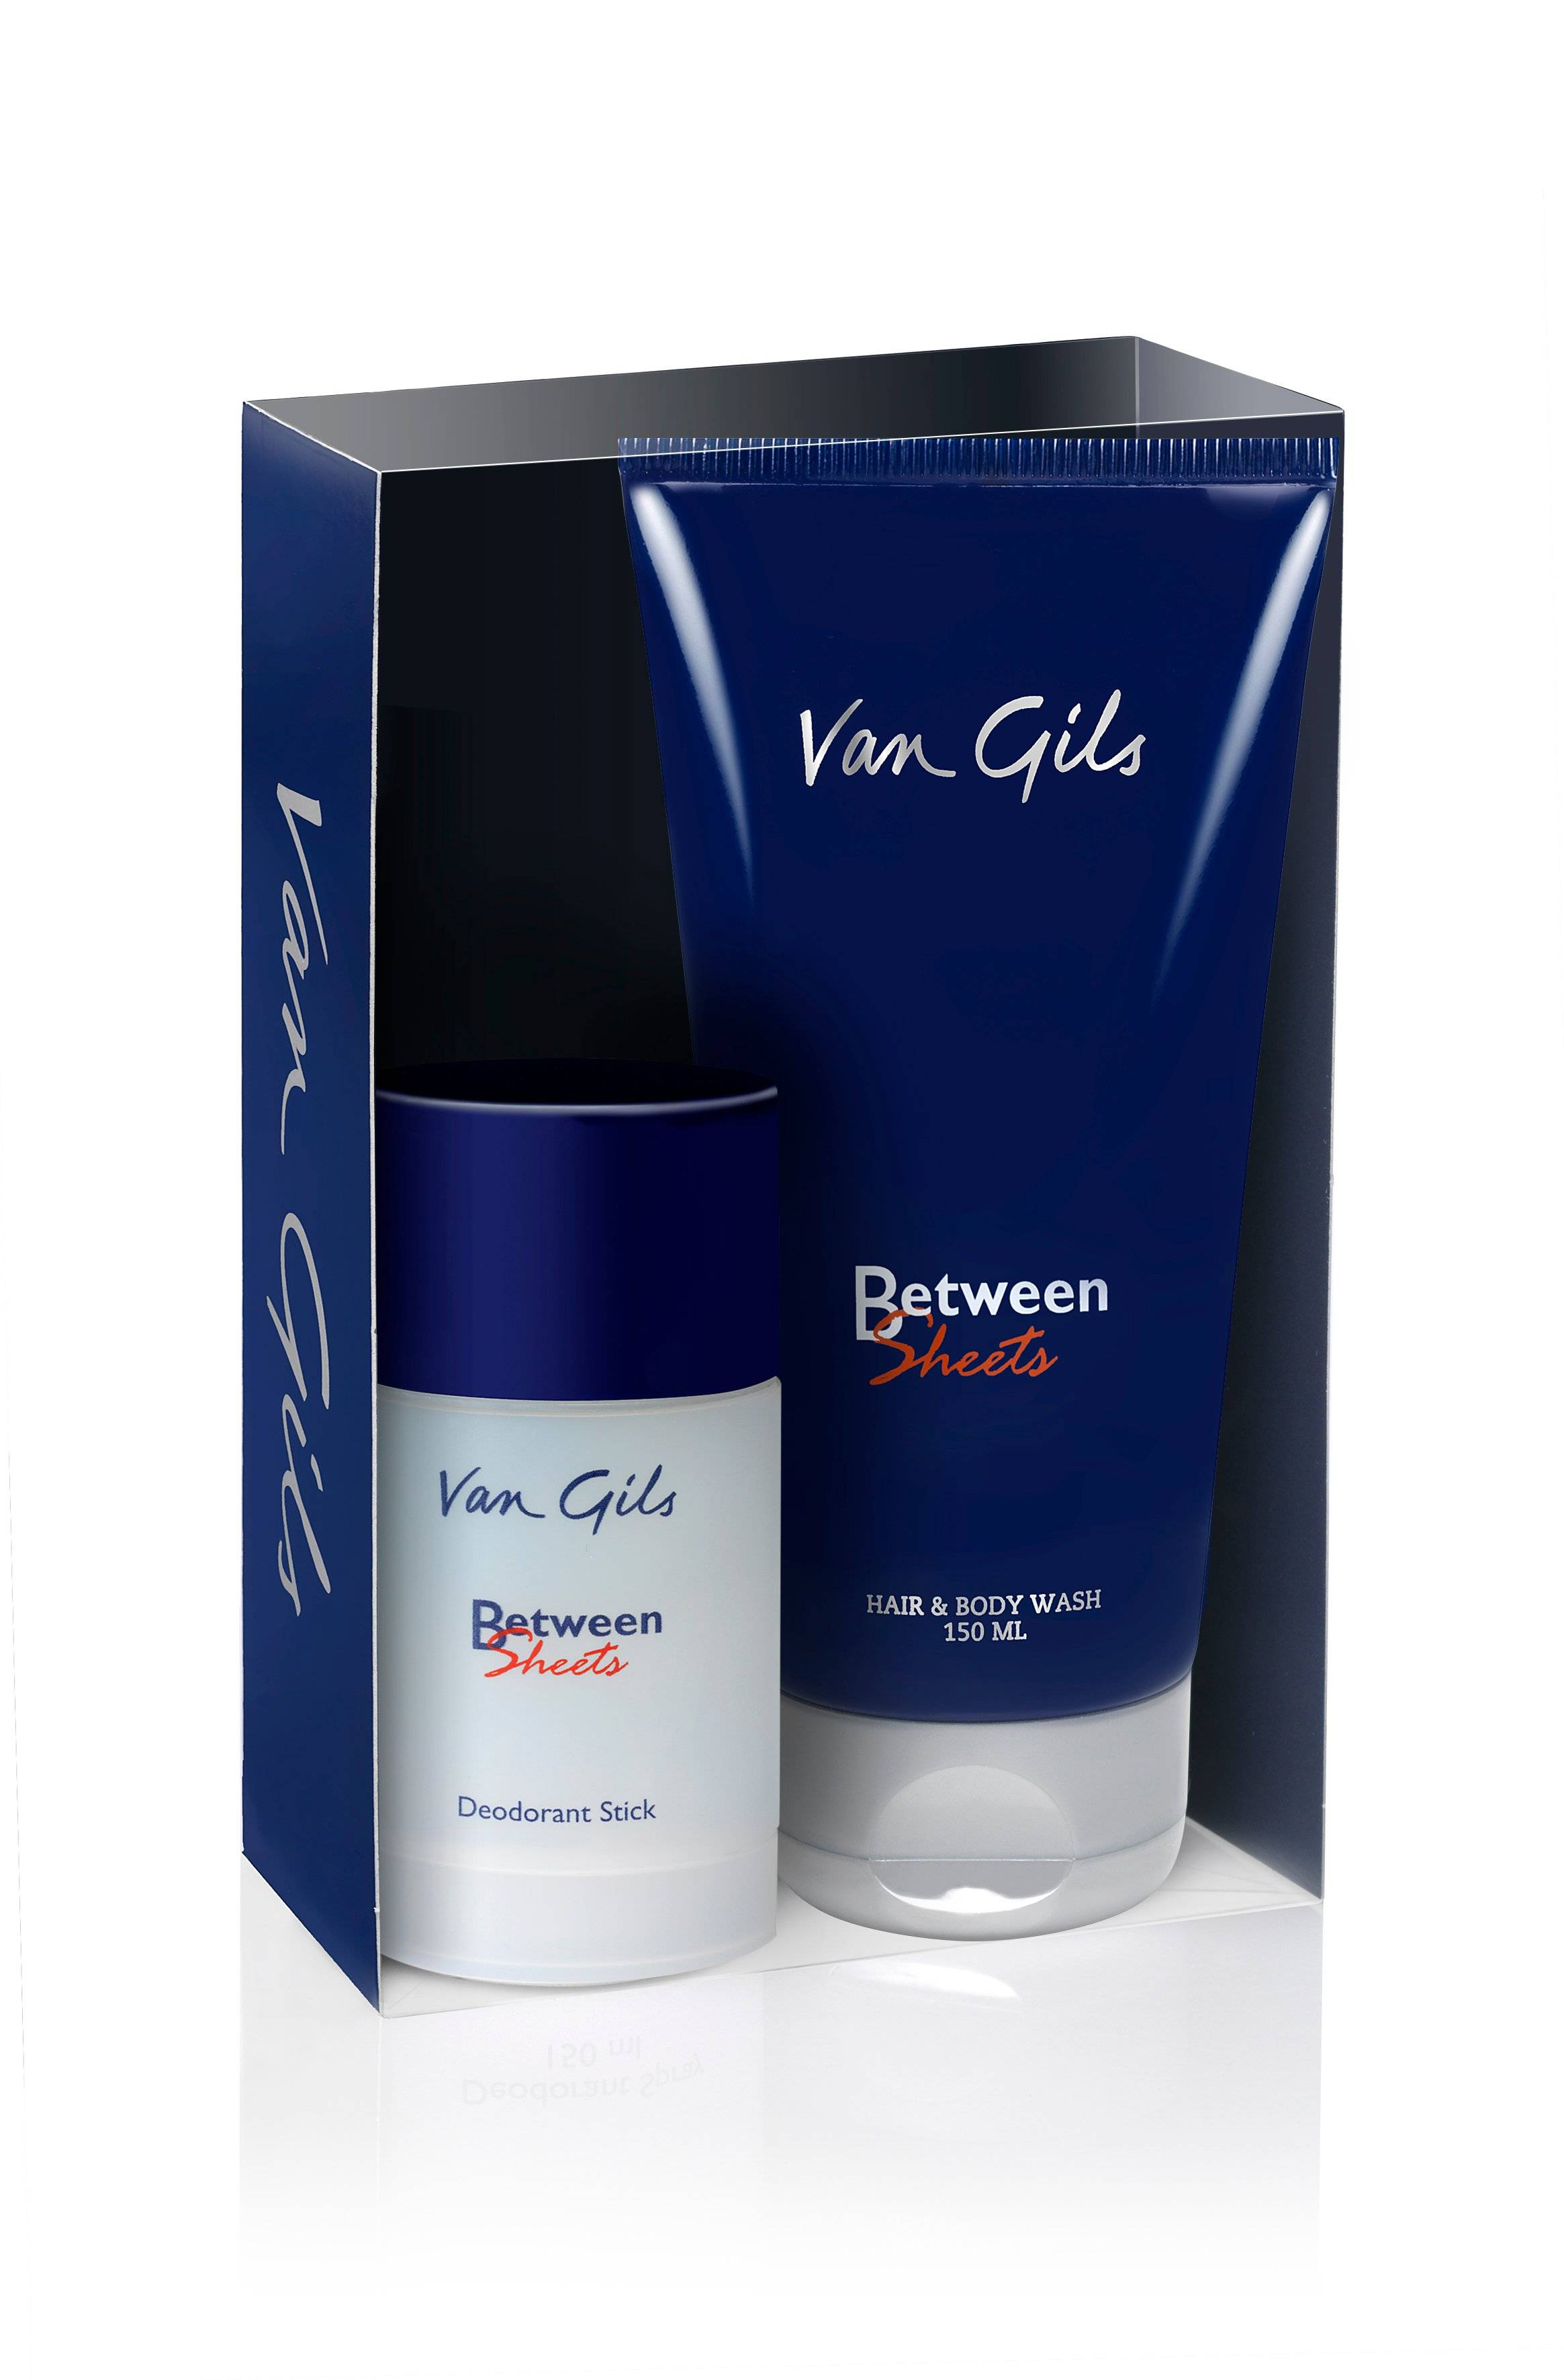 Van Gils Between Sheets Deodorant Stick + Shower Gel 150 ml Giftset